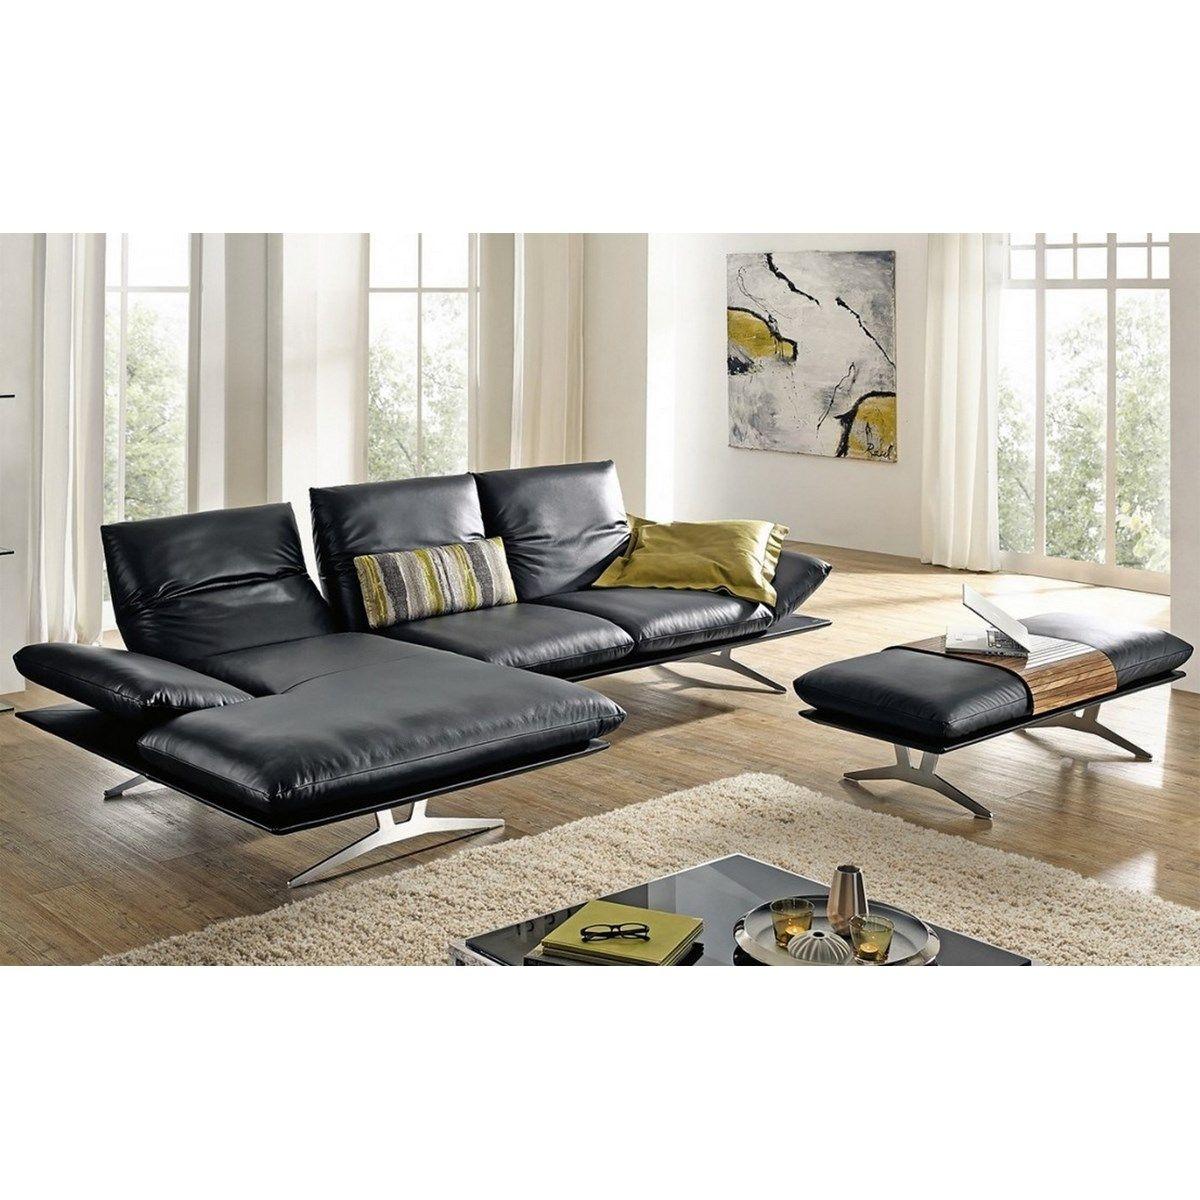 Canapé angle cuir noir AD SENSO 3 places avec chaise longue gauche